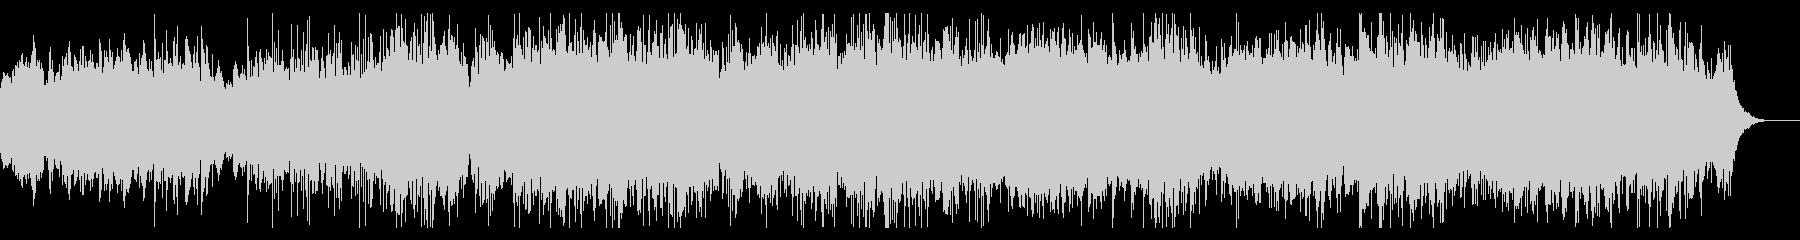 サスペンシブなテクスチャの未再生の波形